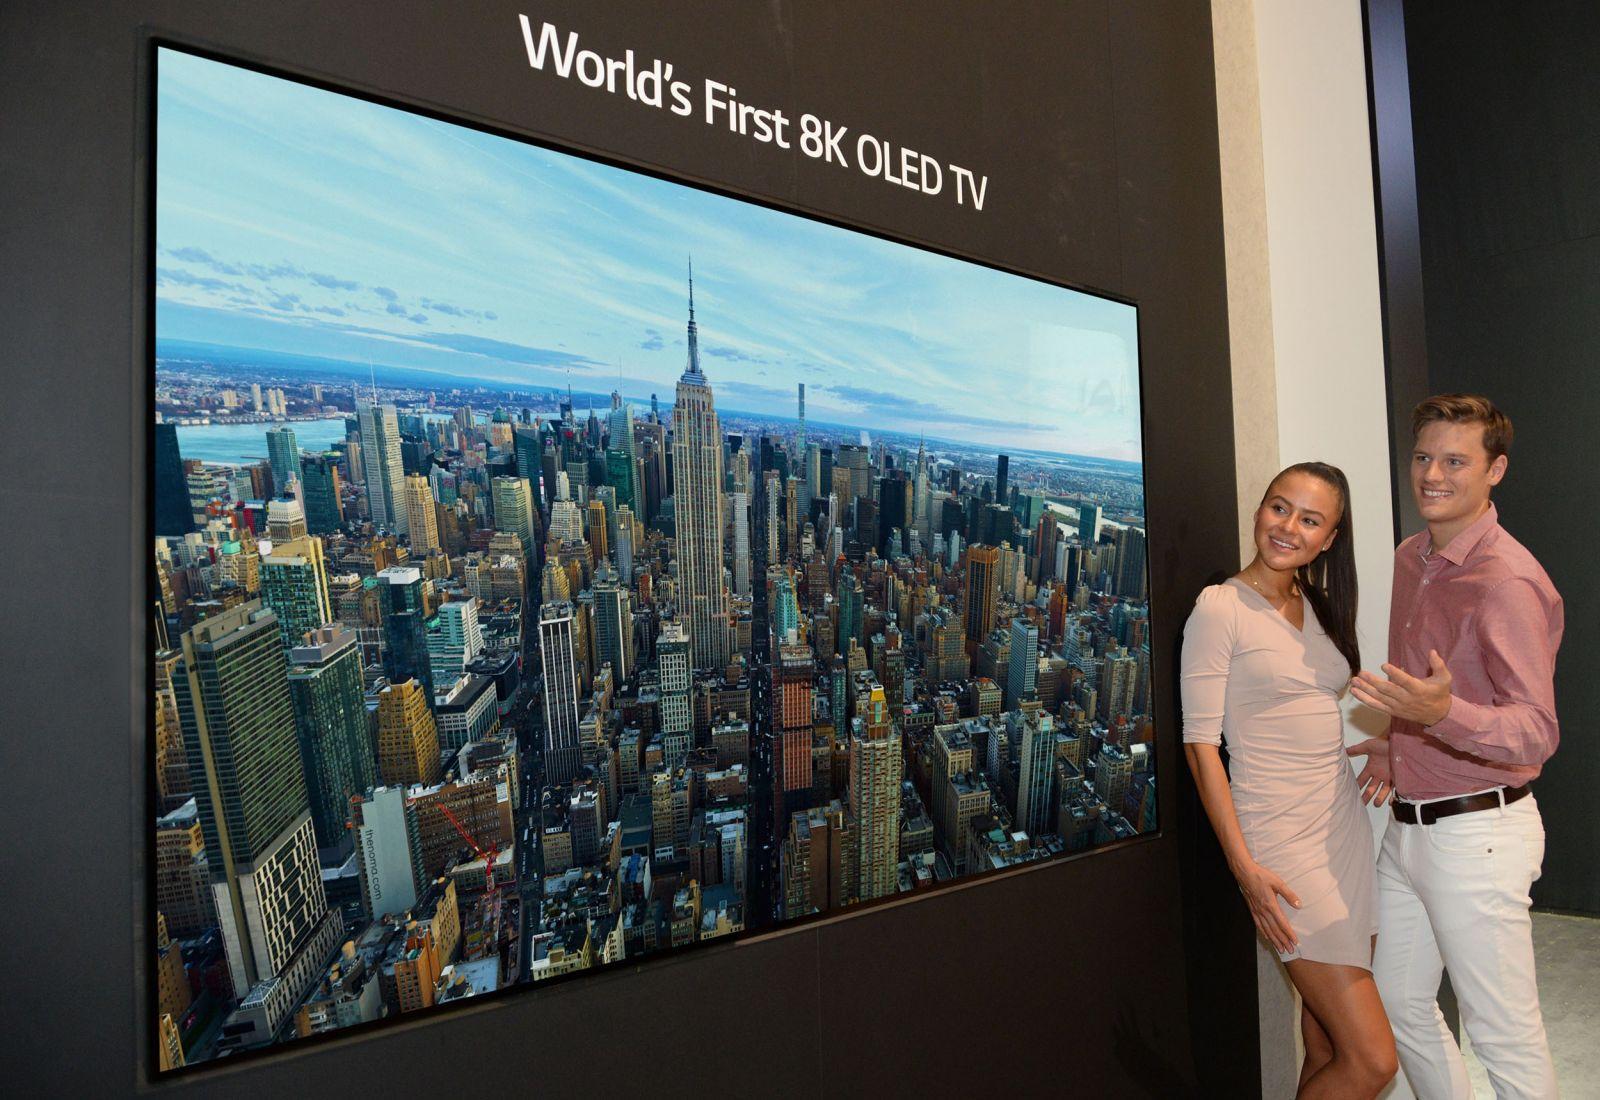 LG PREDSTAVUJE NA VEĽTRHU IFA PRVÝ 8K OLED TELEVÍZOR NA SVETE